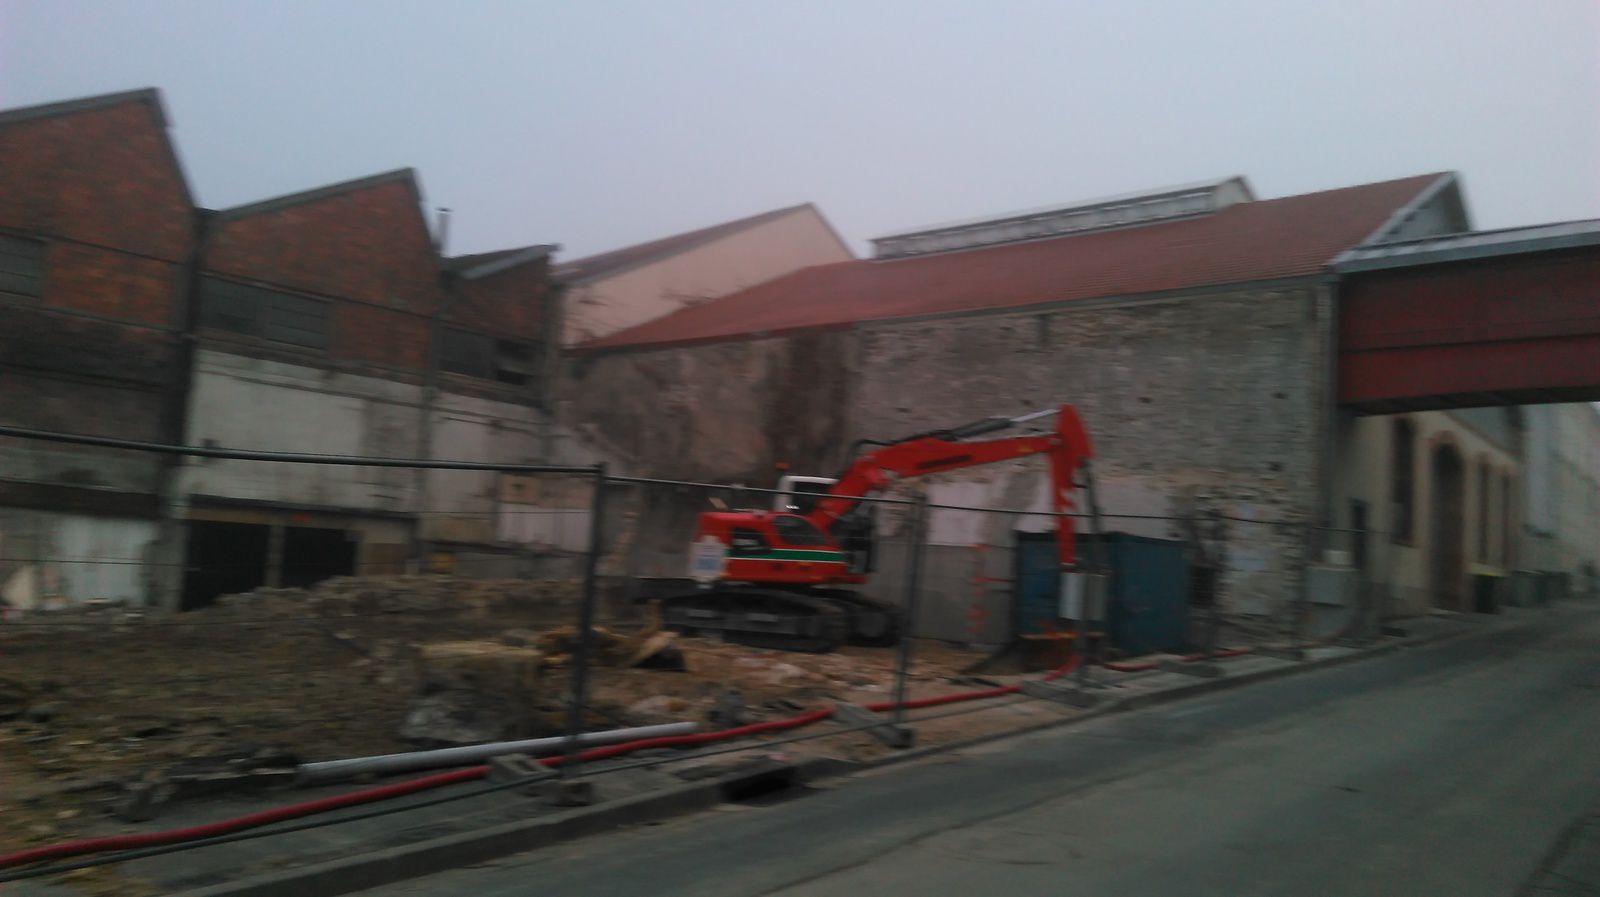 Construction de Pôle emploi : la maison est démolie